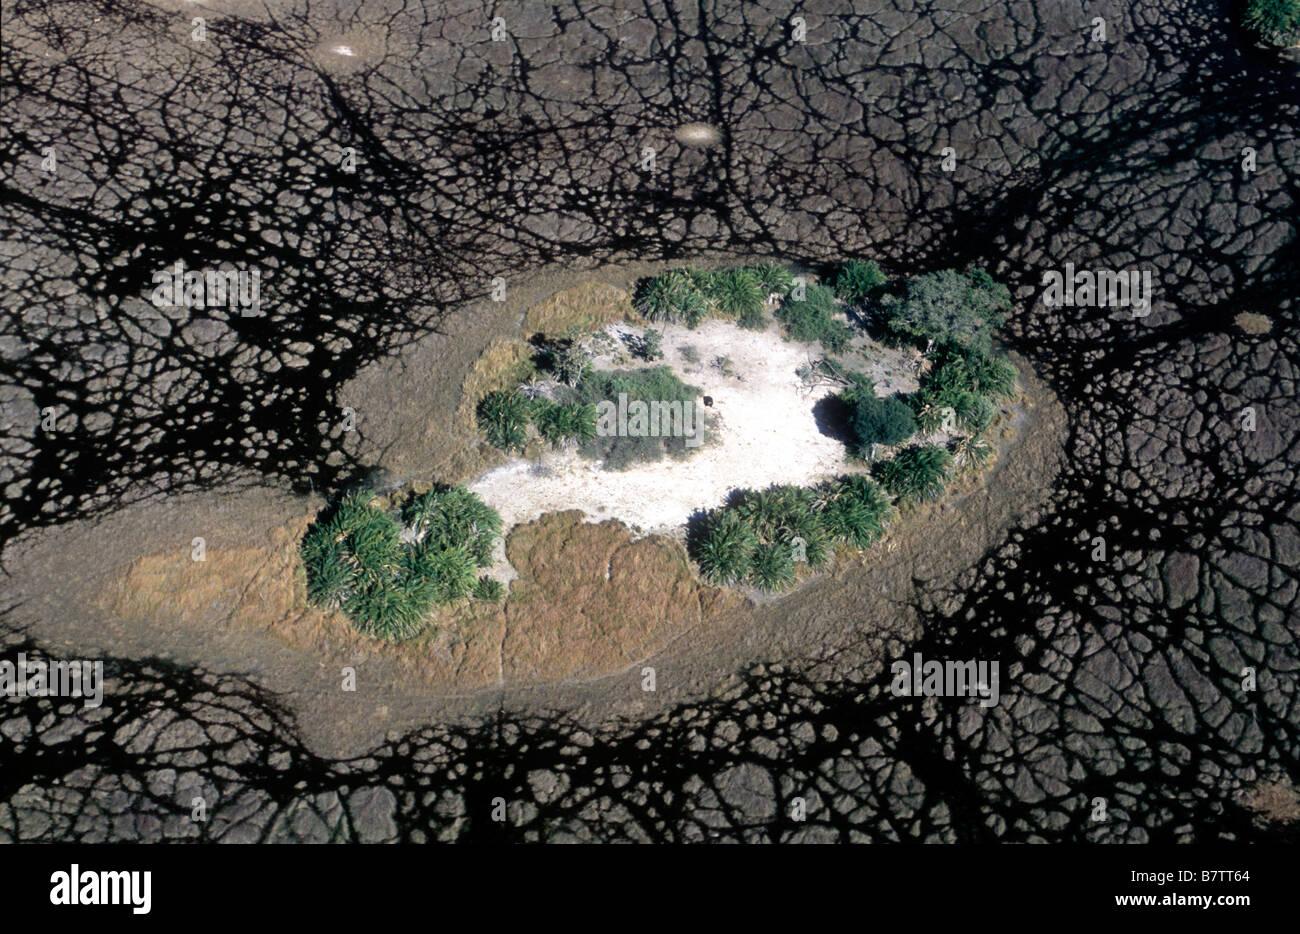 Aerial of Islands in the Okavango Delta - Stock Image